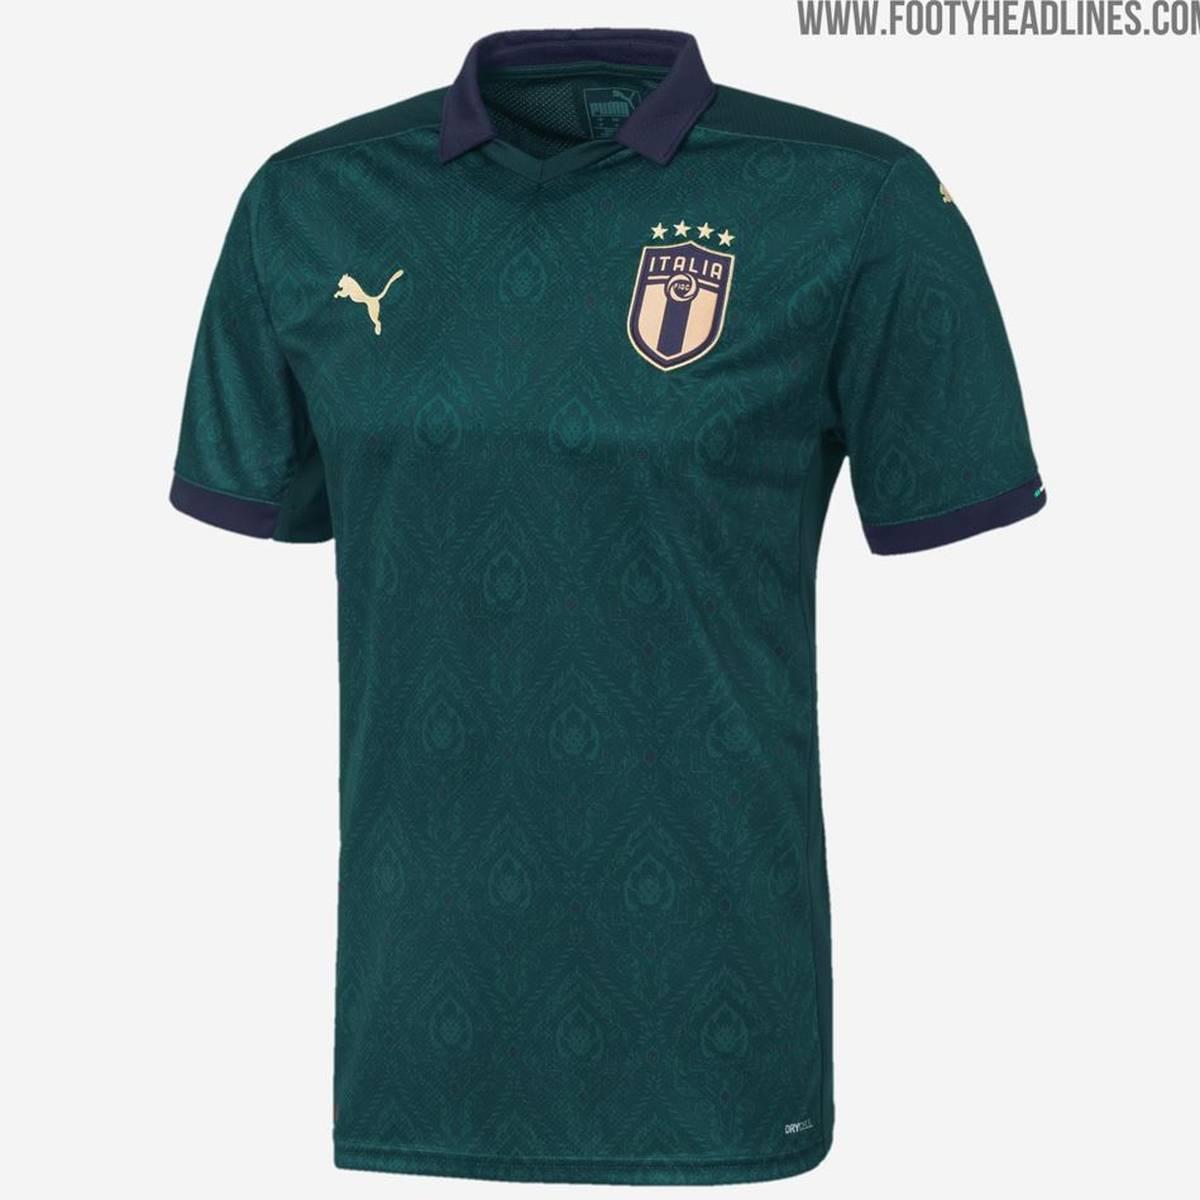 Fussball Italien Prasentiert Neues Trikot Erinnerung An